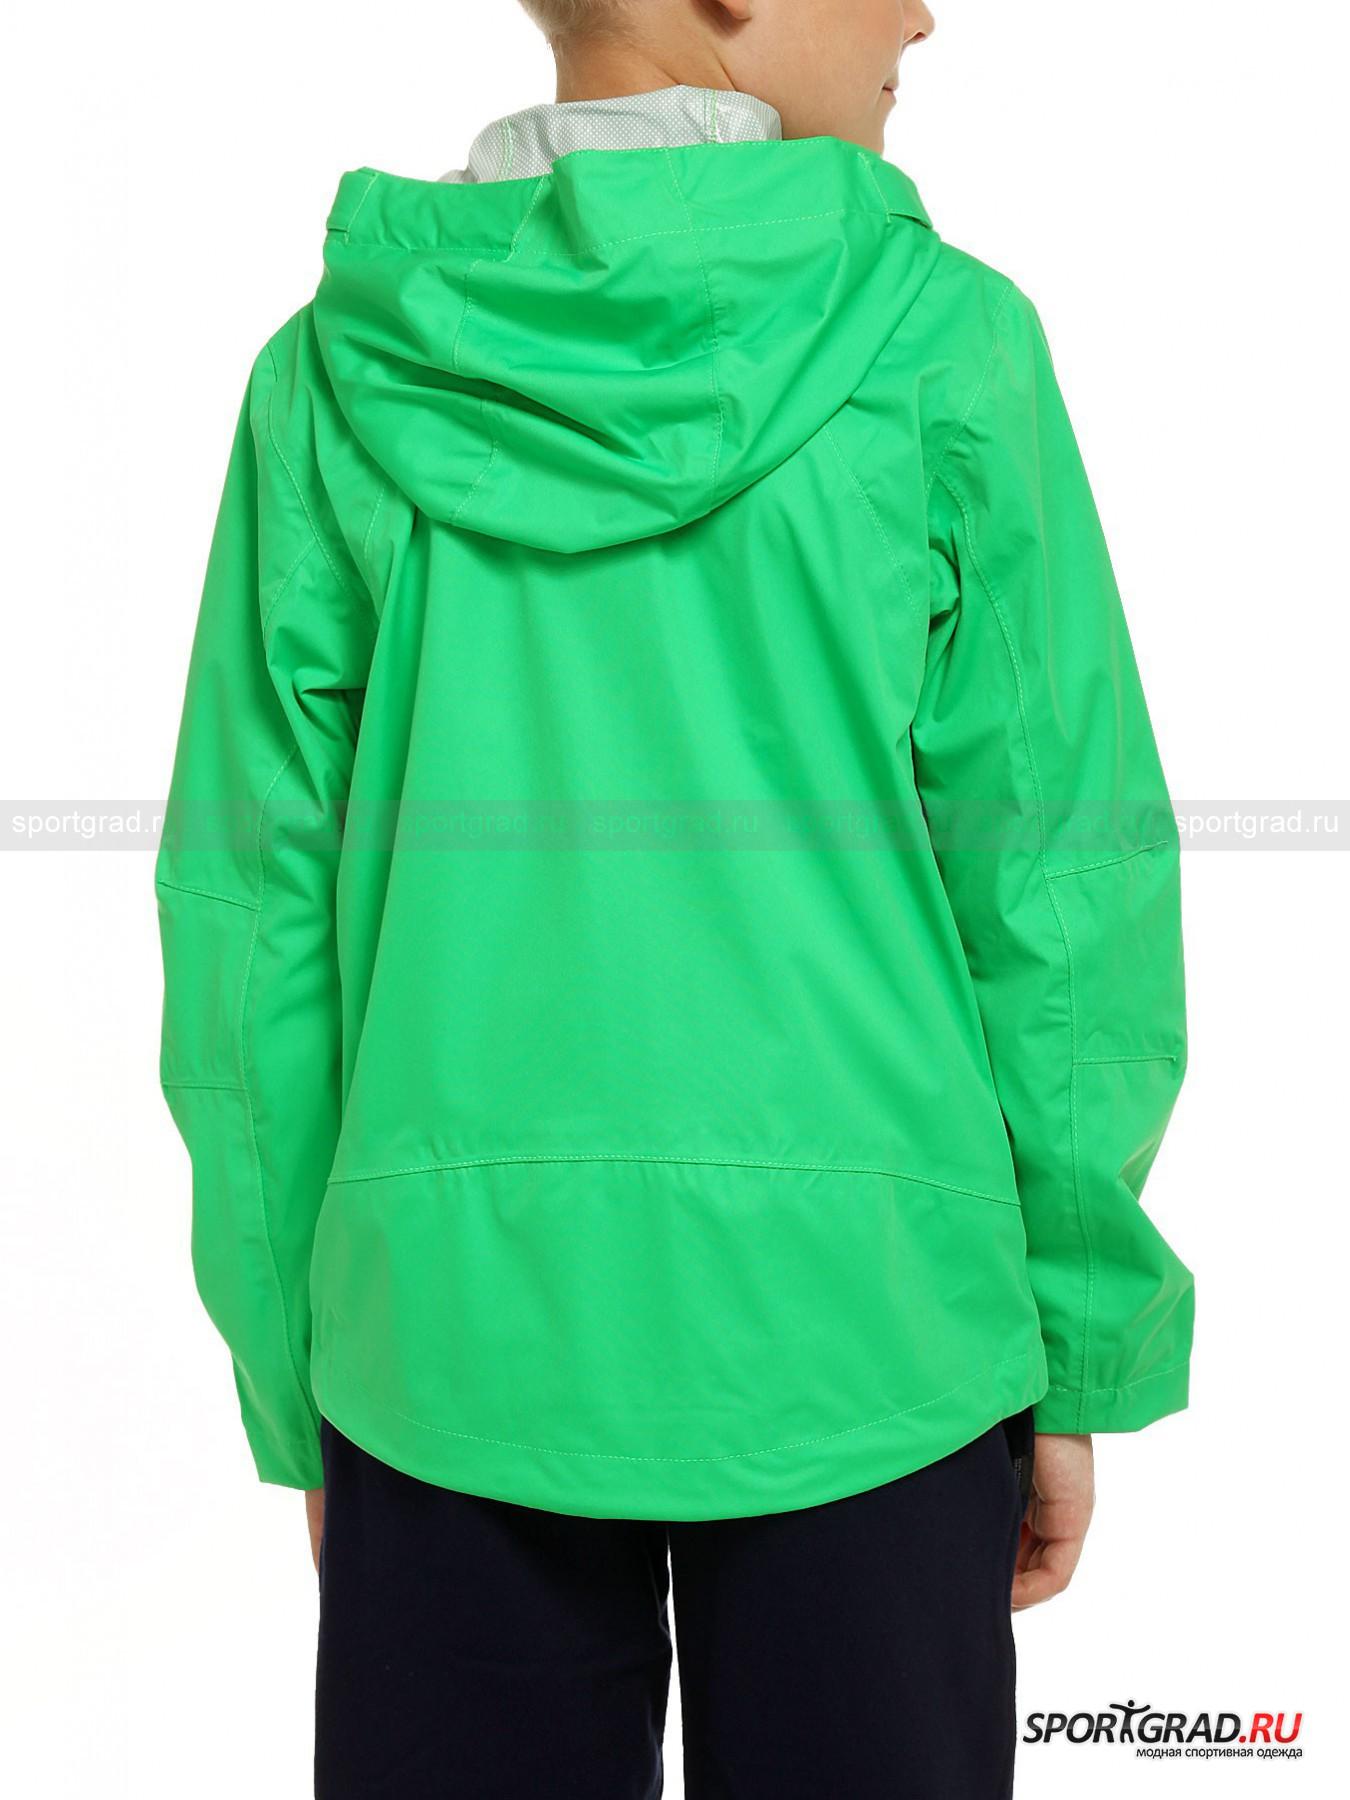 Куртка детская BOY SNAPS HOOD JACKET CAMPAGNOLO от Спортград